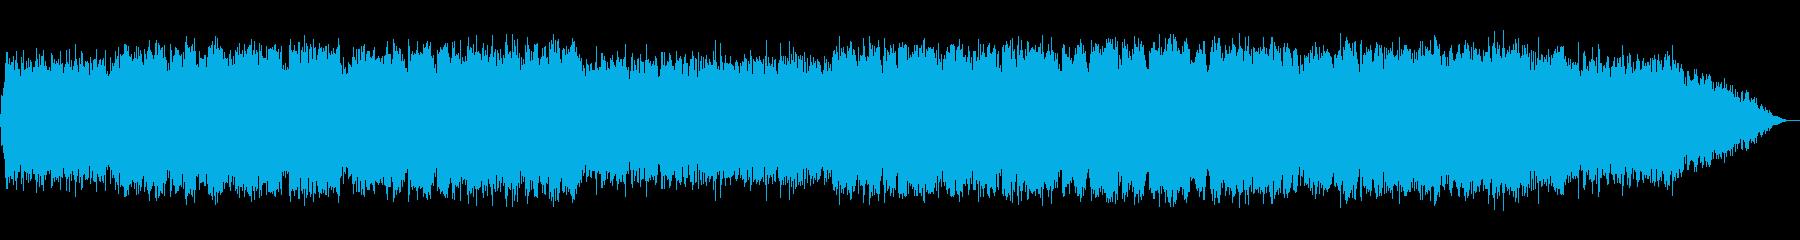 生演奏ケーナの哀愁のある音楽の再生済みの波形